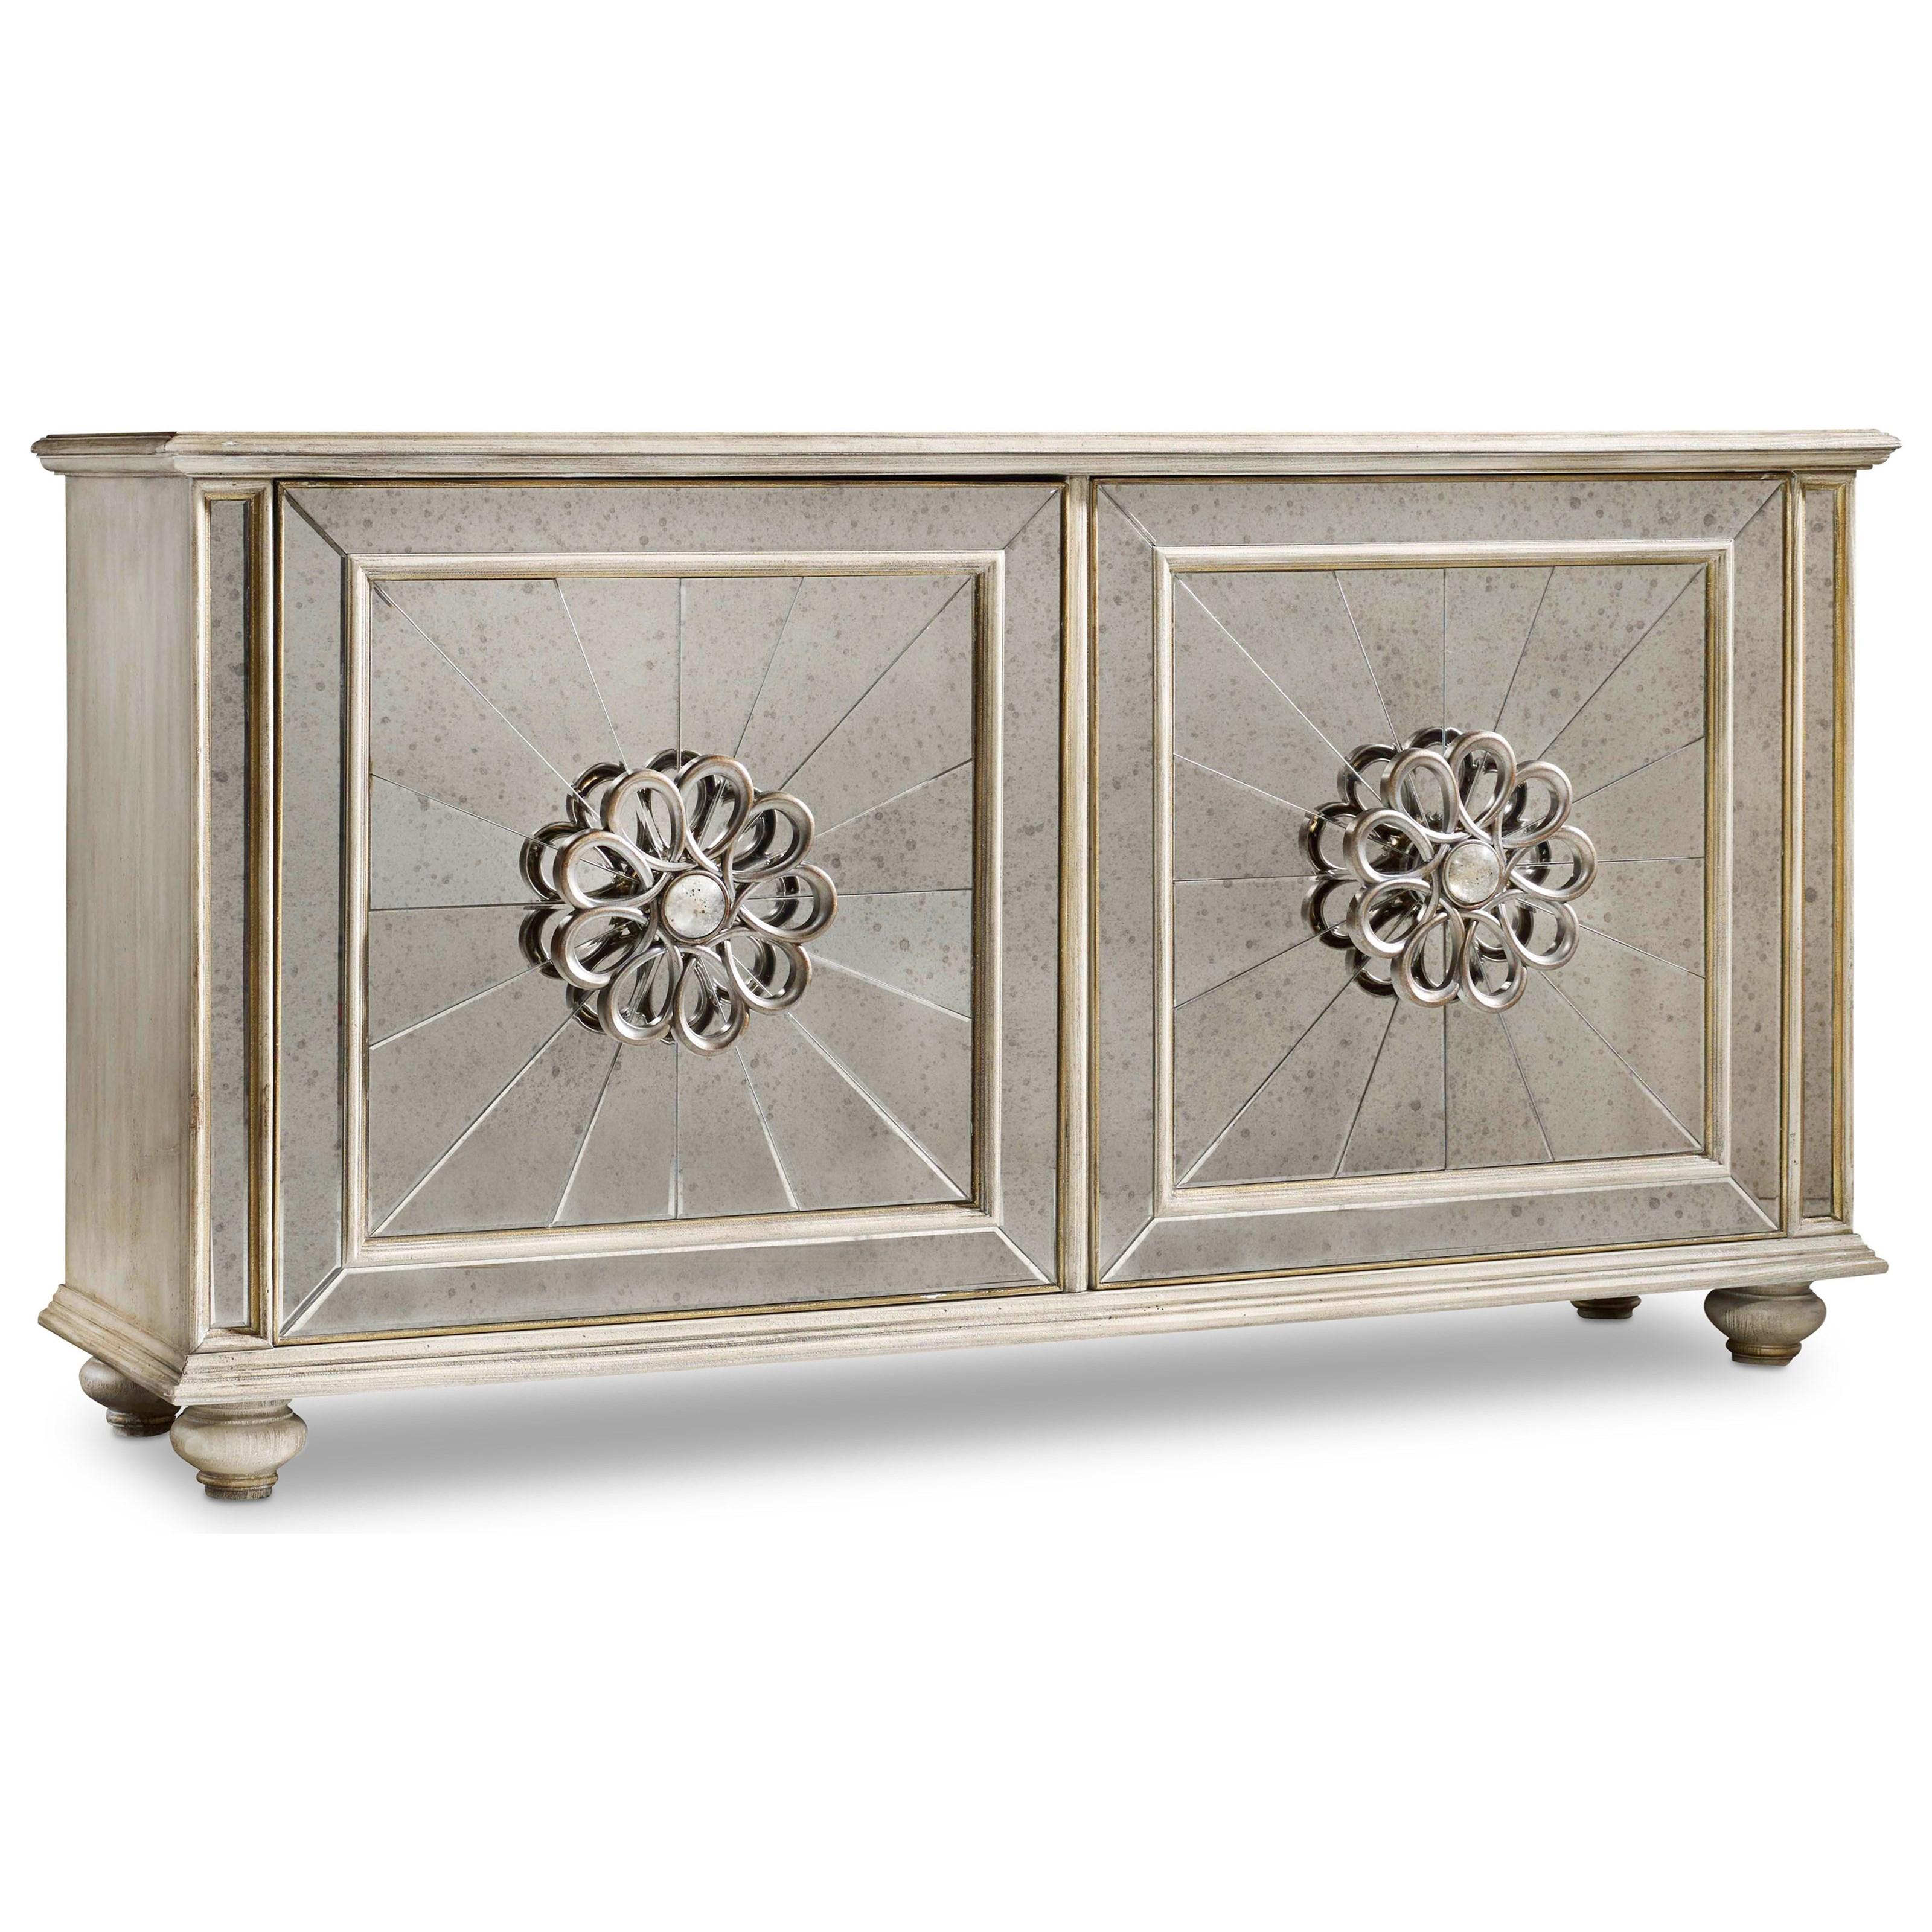 Hooker Furniture Mélange Mesmerize Credenza - Item Number: 638-85217